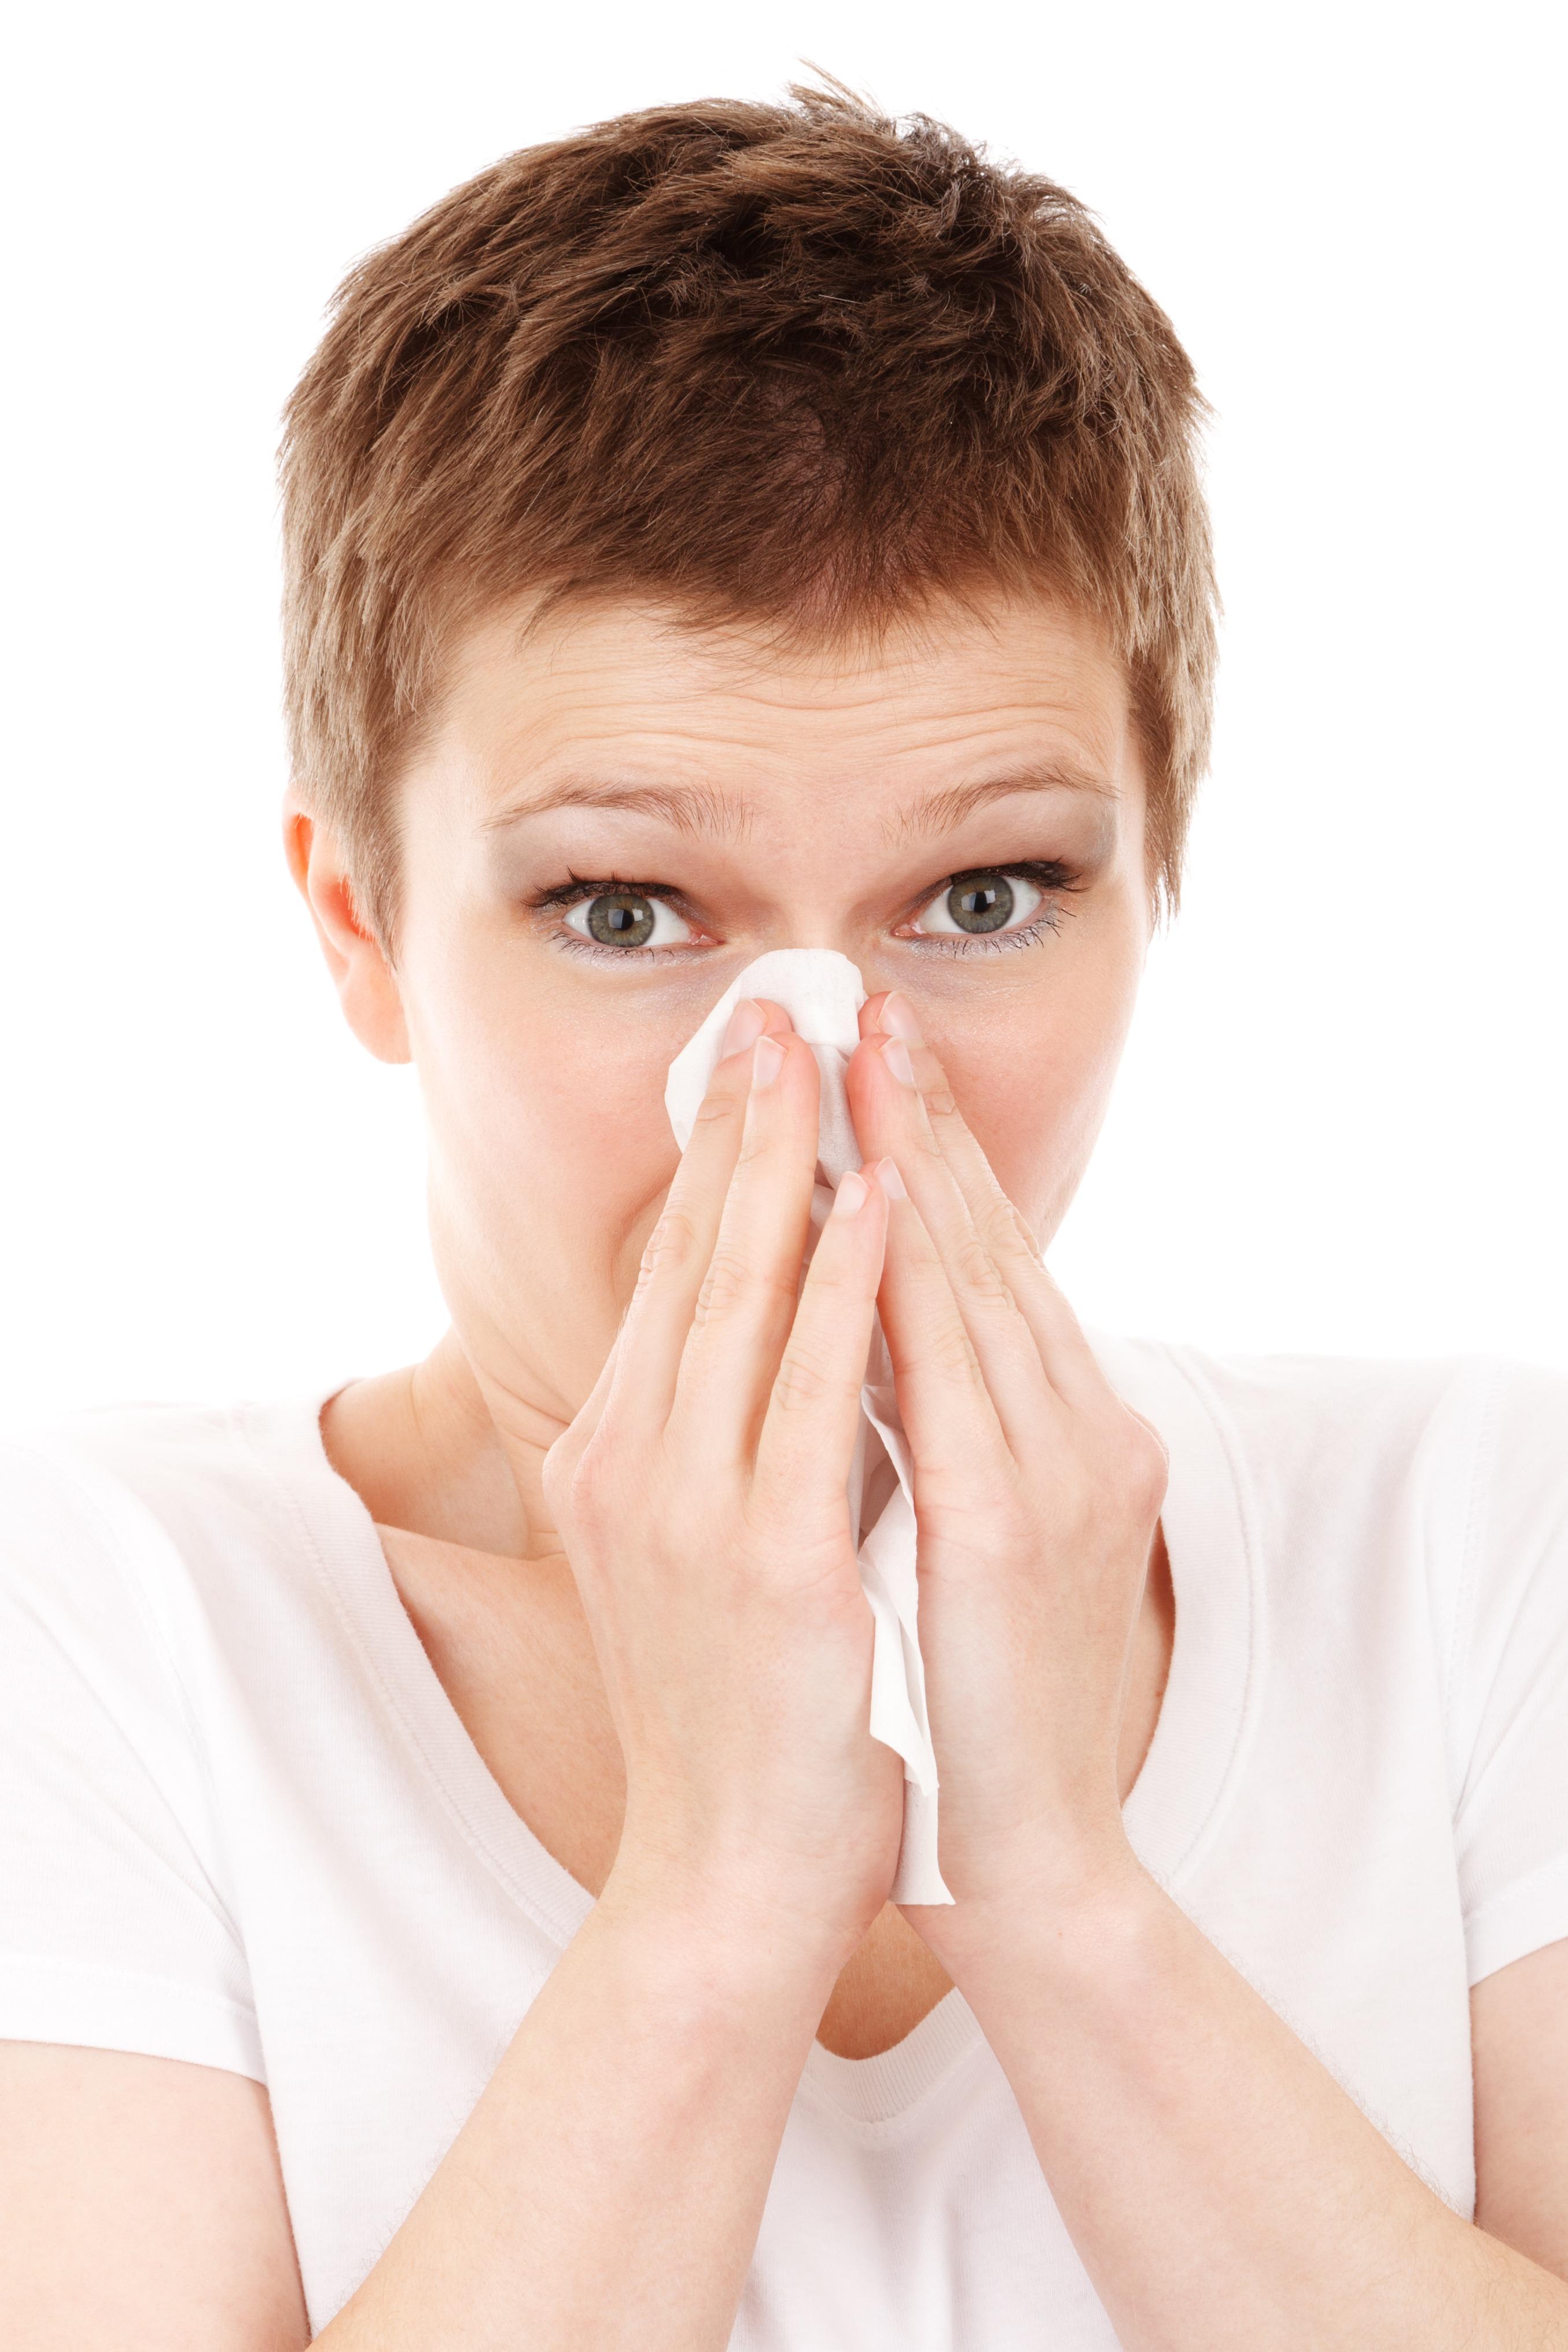 Wie Bekommt Man Verbrannten Geruch Aus Der Wohnung schlechte gerüche im zuhause: ursachen, gefahren & beseitigung